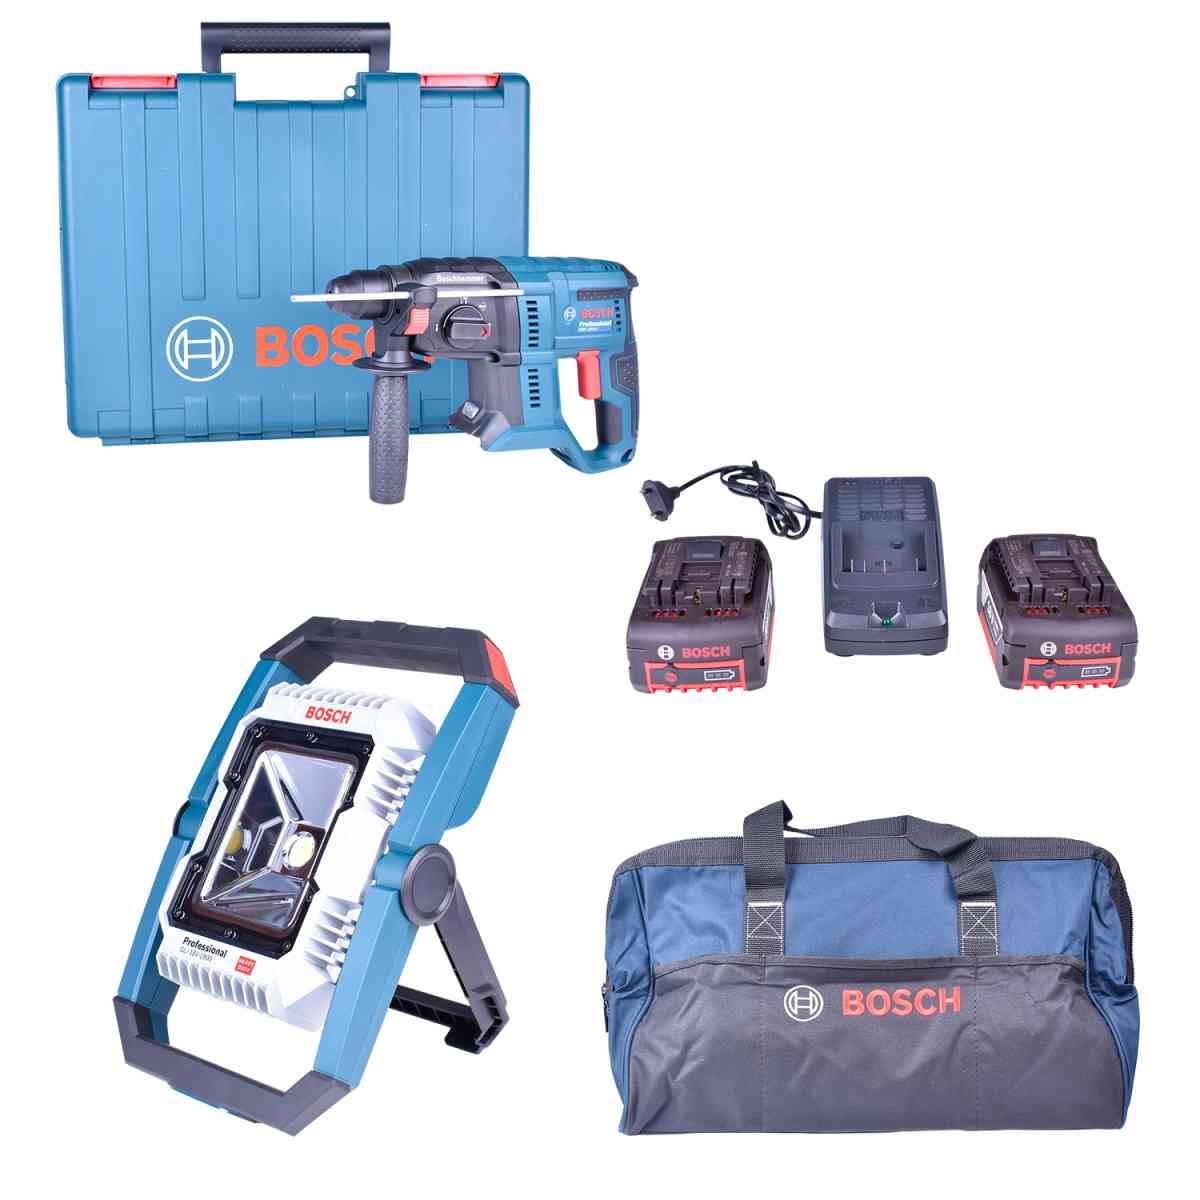 Martelete Perfurador Sds Gbh180-Li + Lanterna Gho18V-Li+ Carregador com 2 Baterias 18V + Bolsa Ferramentas Bosch